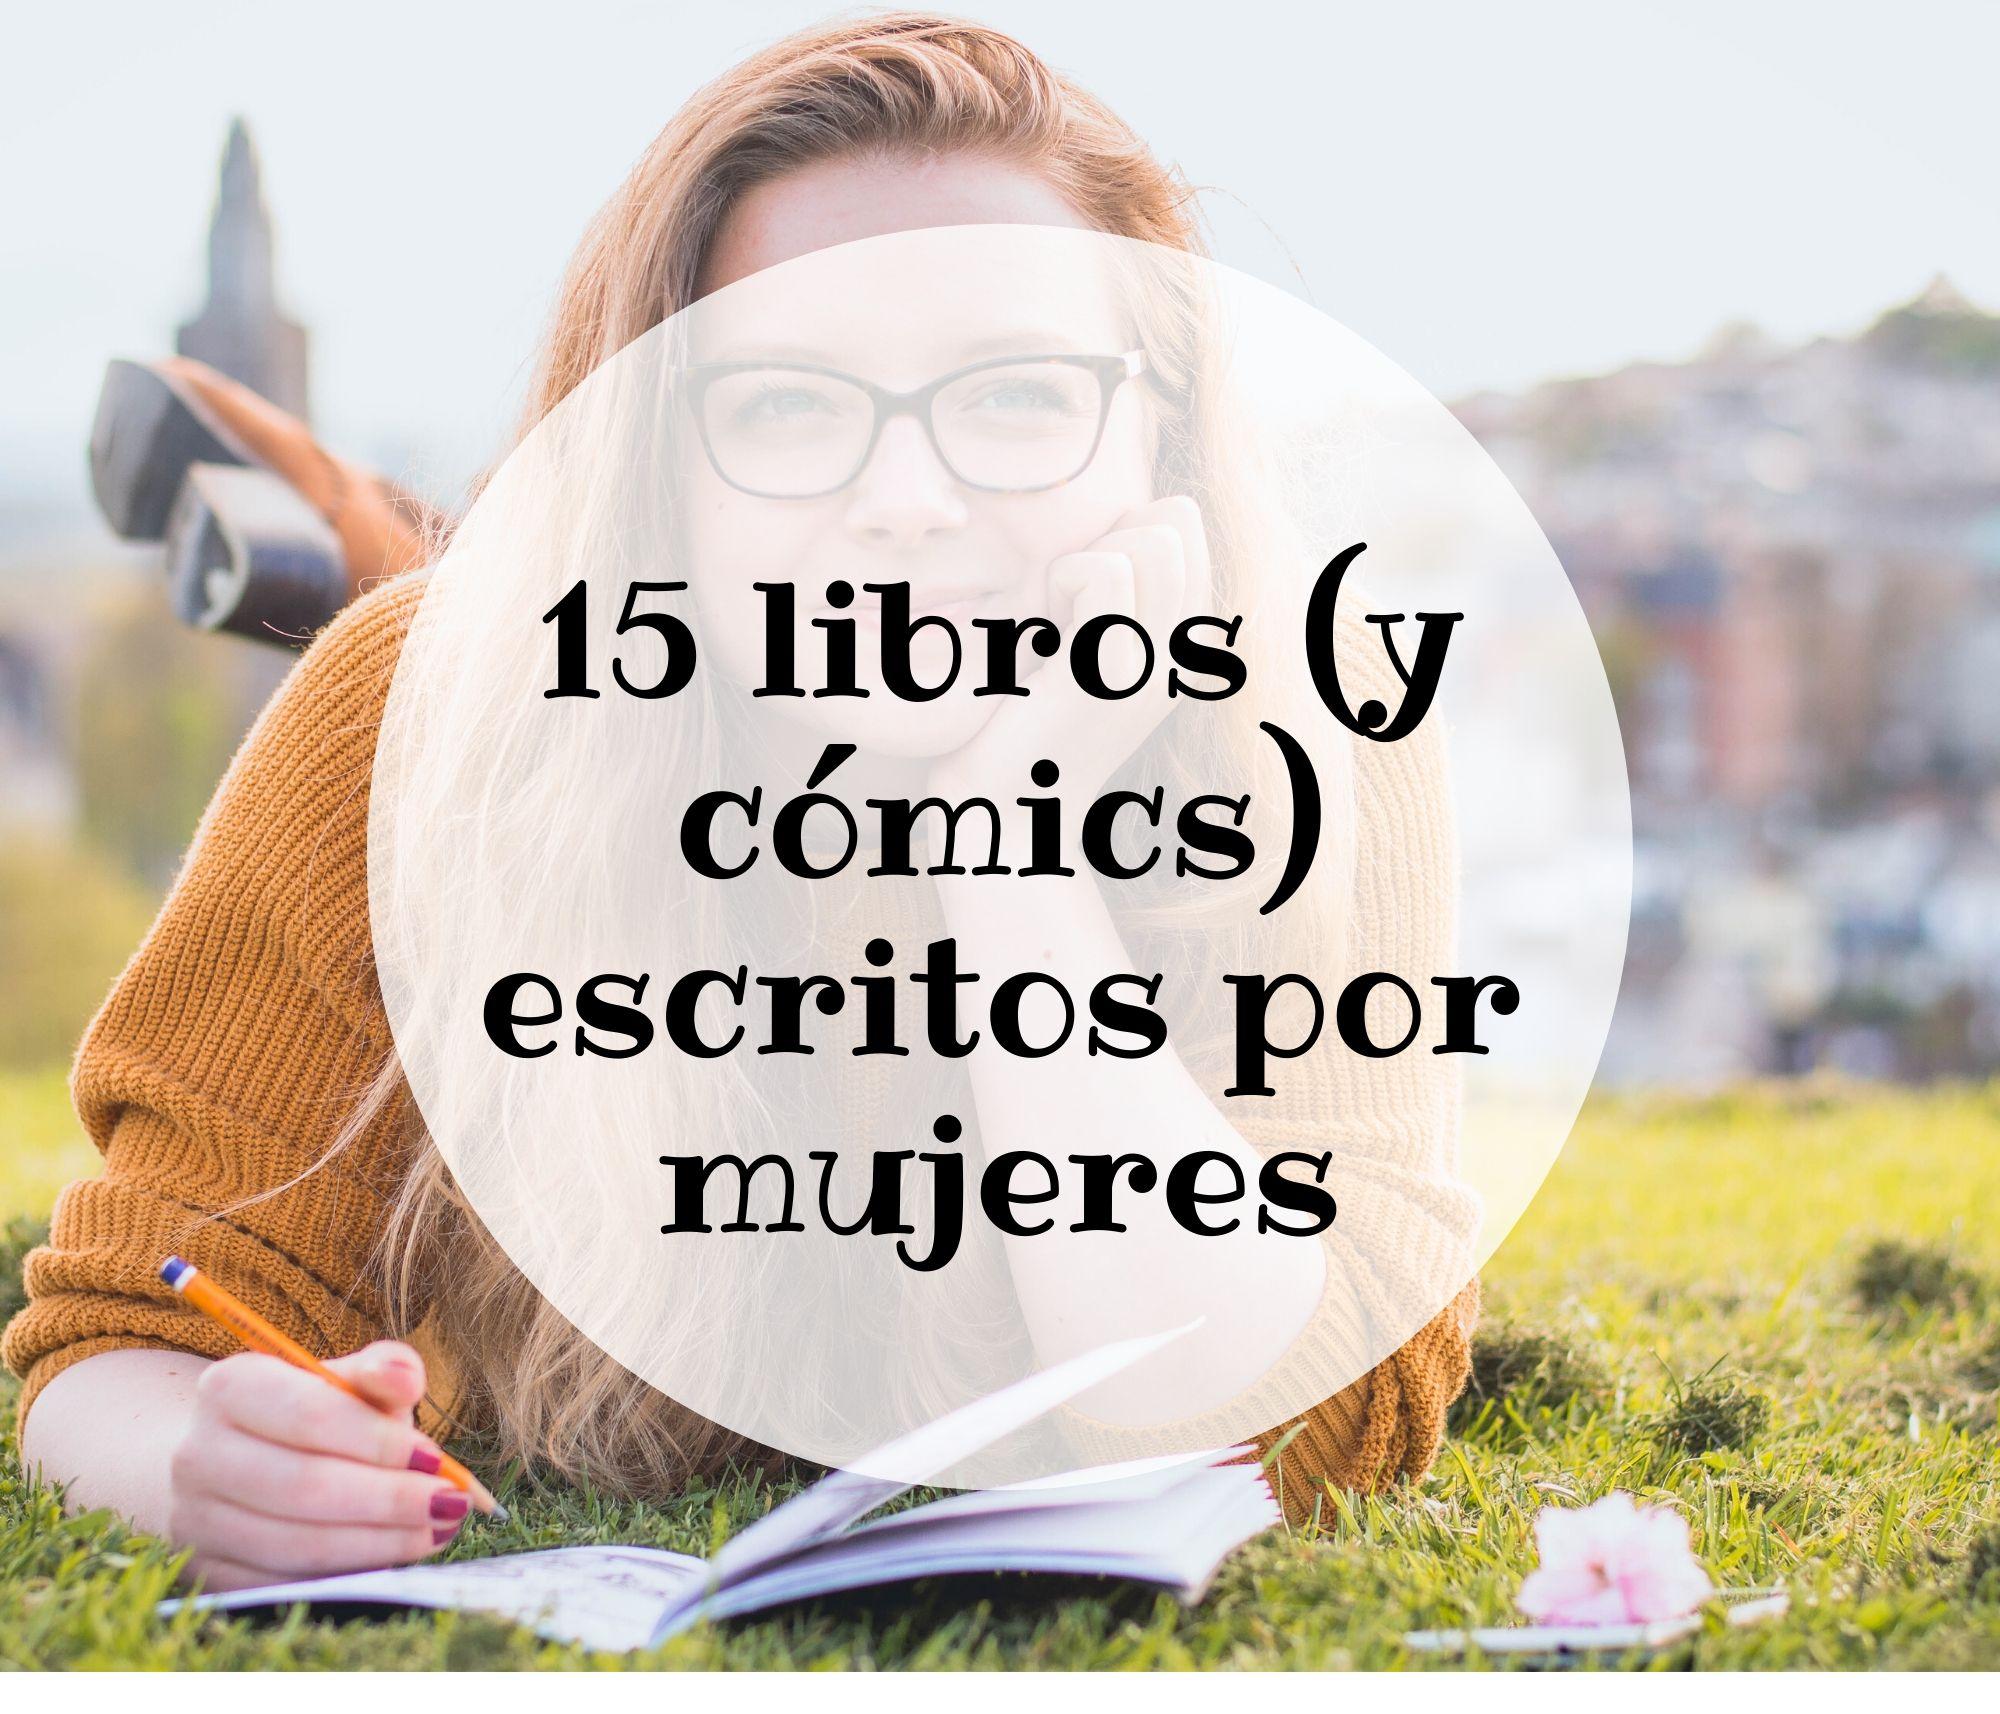 15 libros escritos por mujeres para celebrar el día del libro